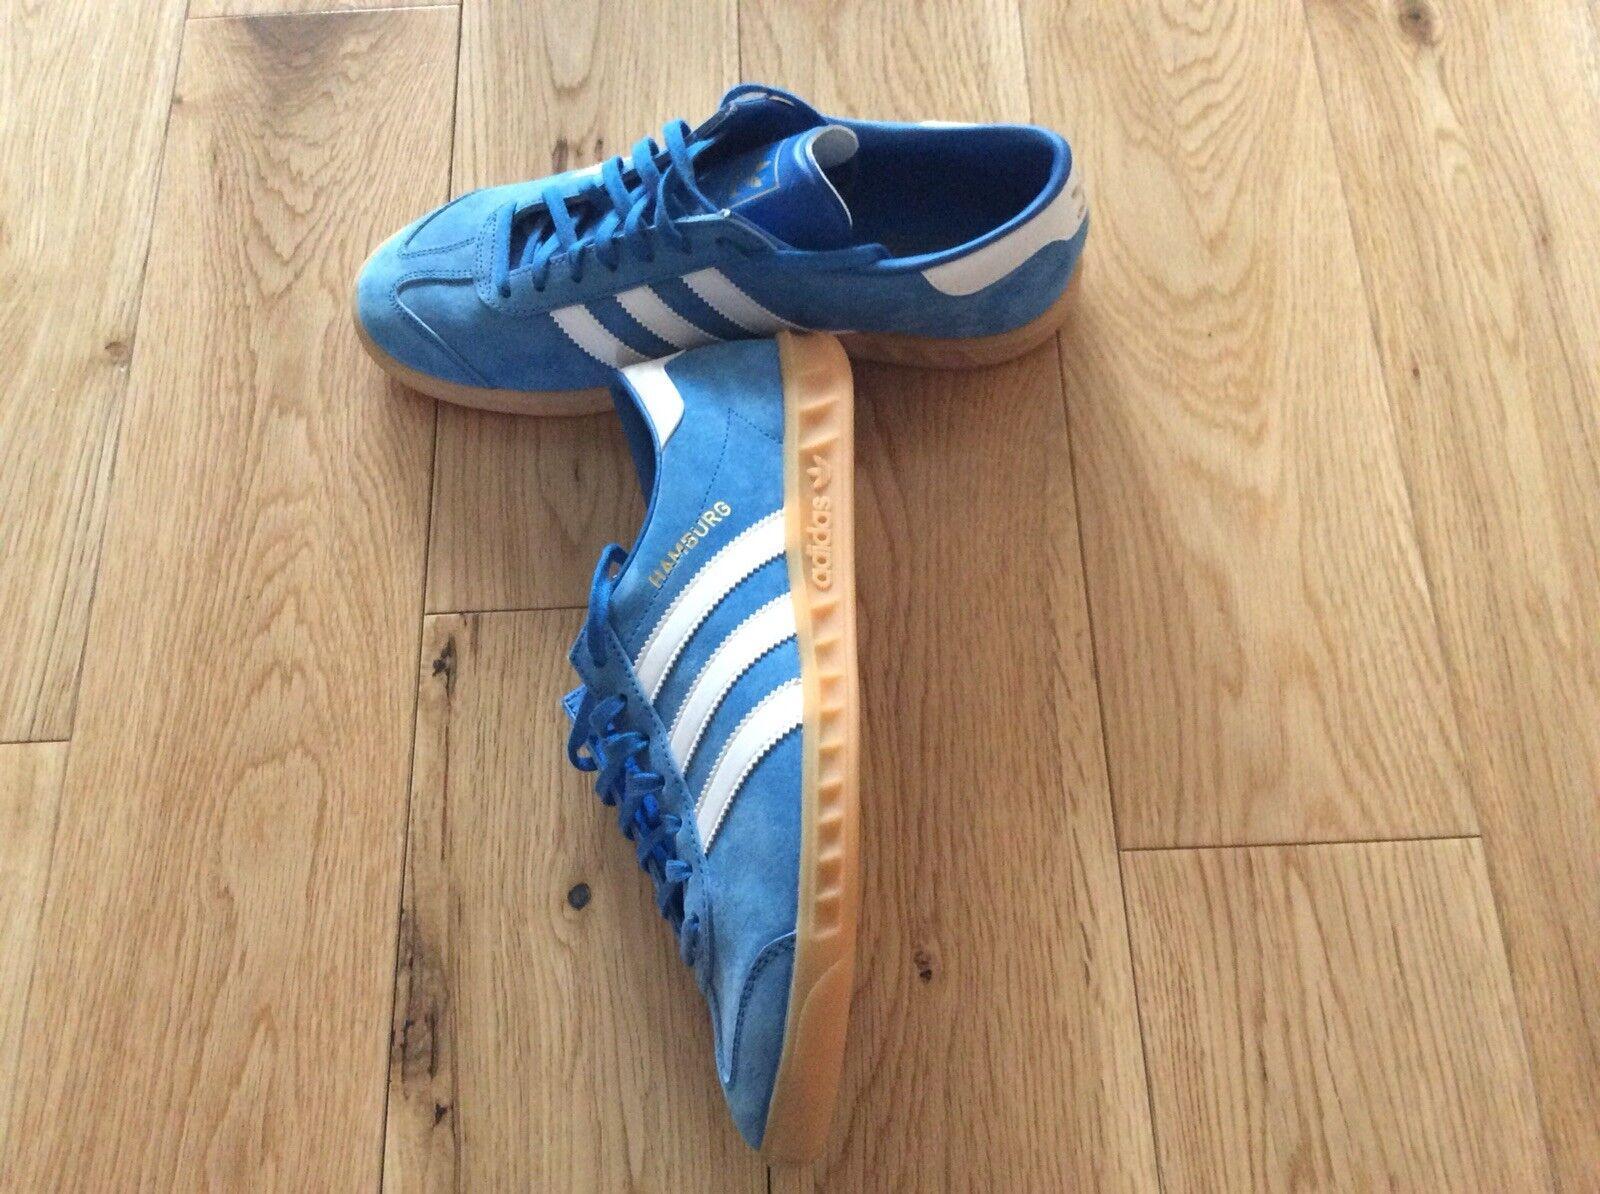 Adidas Amburgo Uomo Scarpe da ginnastica, UK taglia 8, Blu, condizioni eccellenti Scarpe classiche da uomo